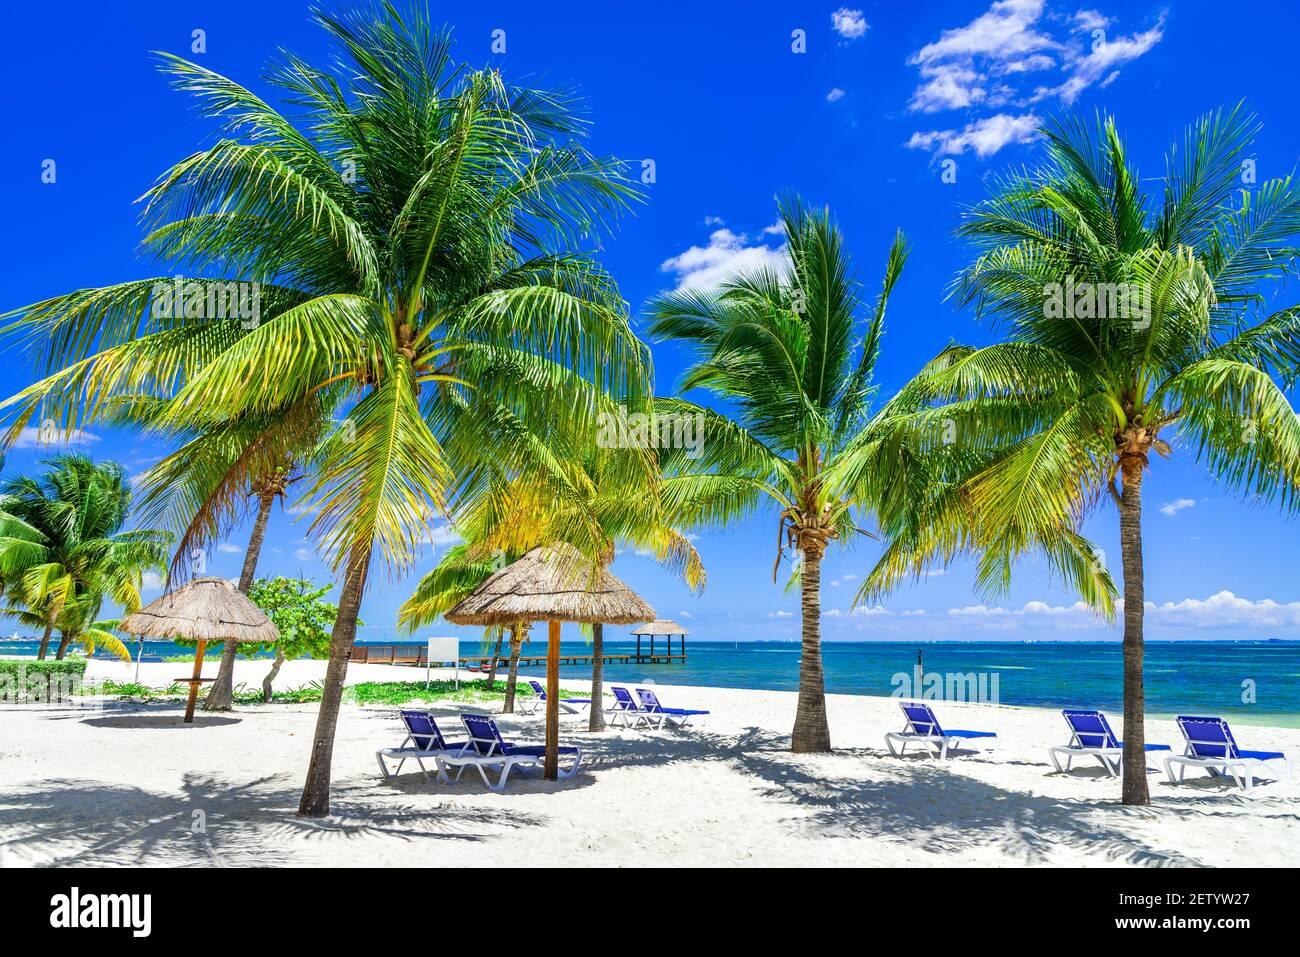 Paysage tropical avec noix de coco sur la plage des caraïbes, Cancun, péninsule du Yucatan au Mexique. Banque D'Images